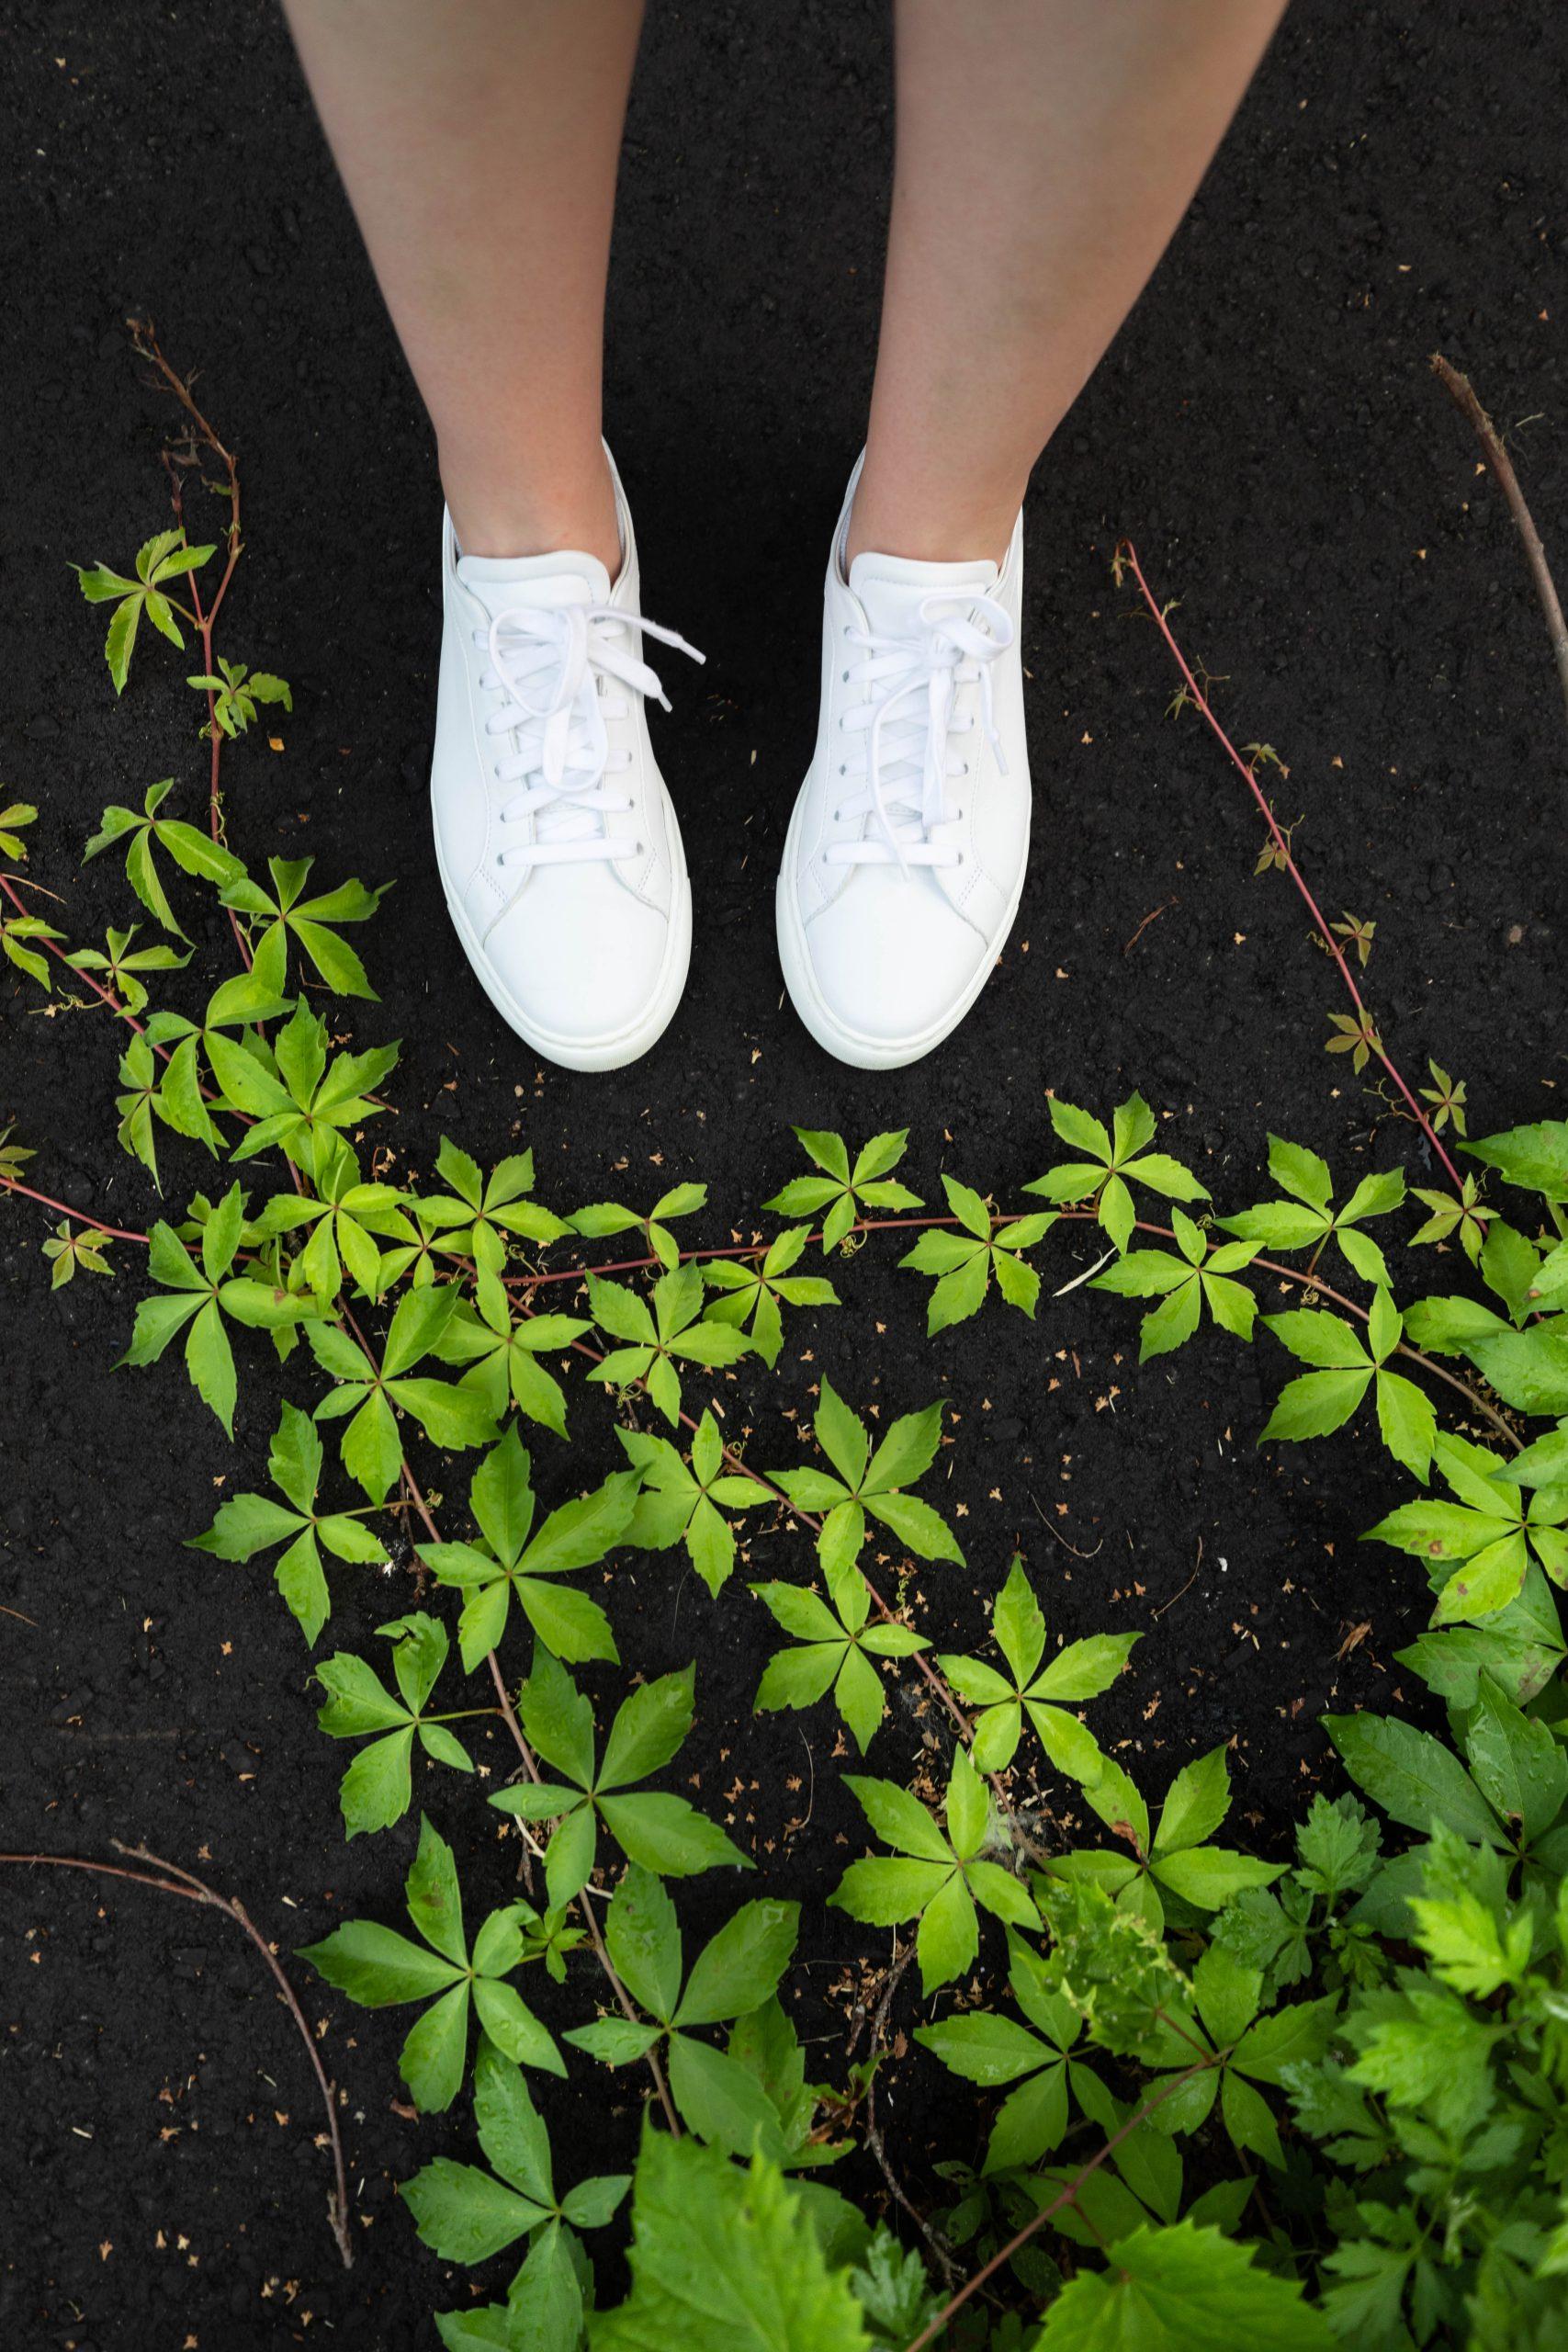 M. Gemi Palestra Due Tennis Shoes Hegde New York Tennis & Golf Attire Worn & Styled by Annie Fairfax